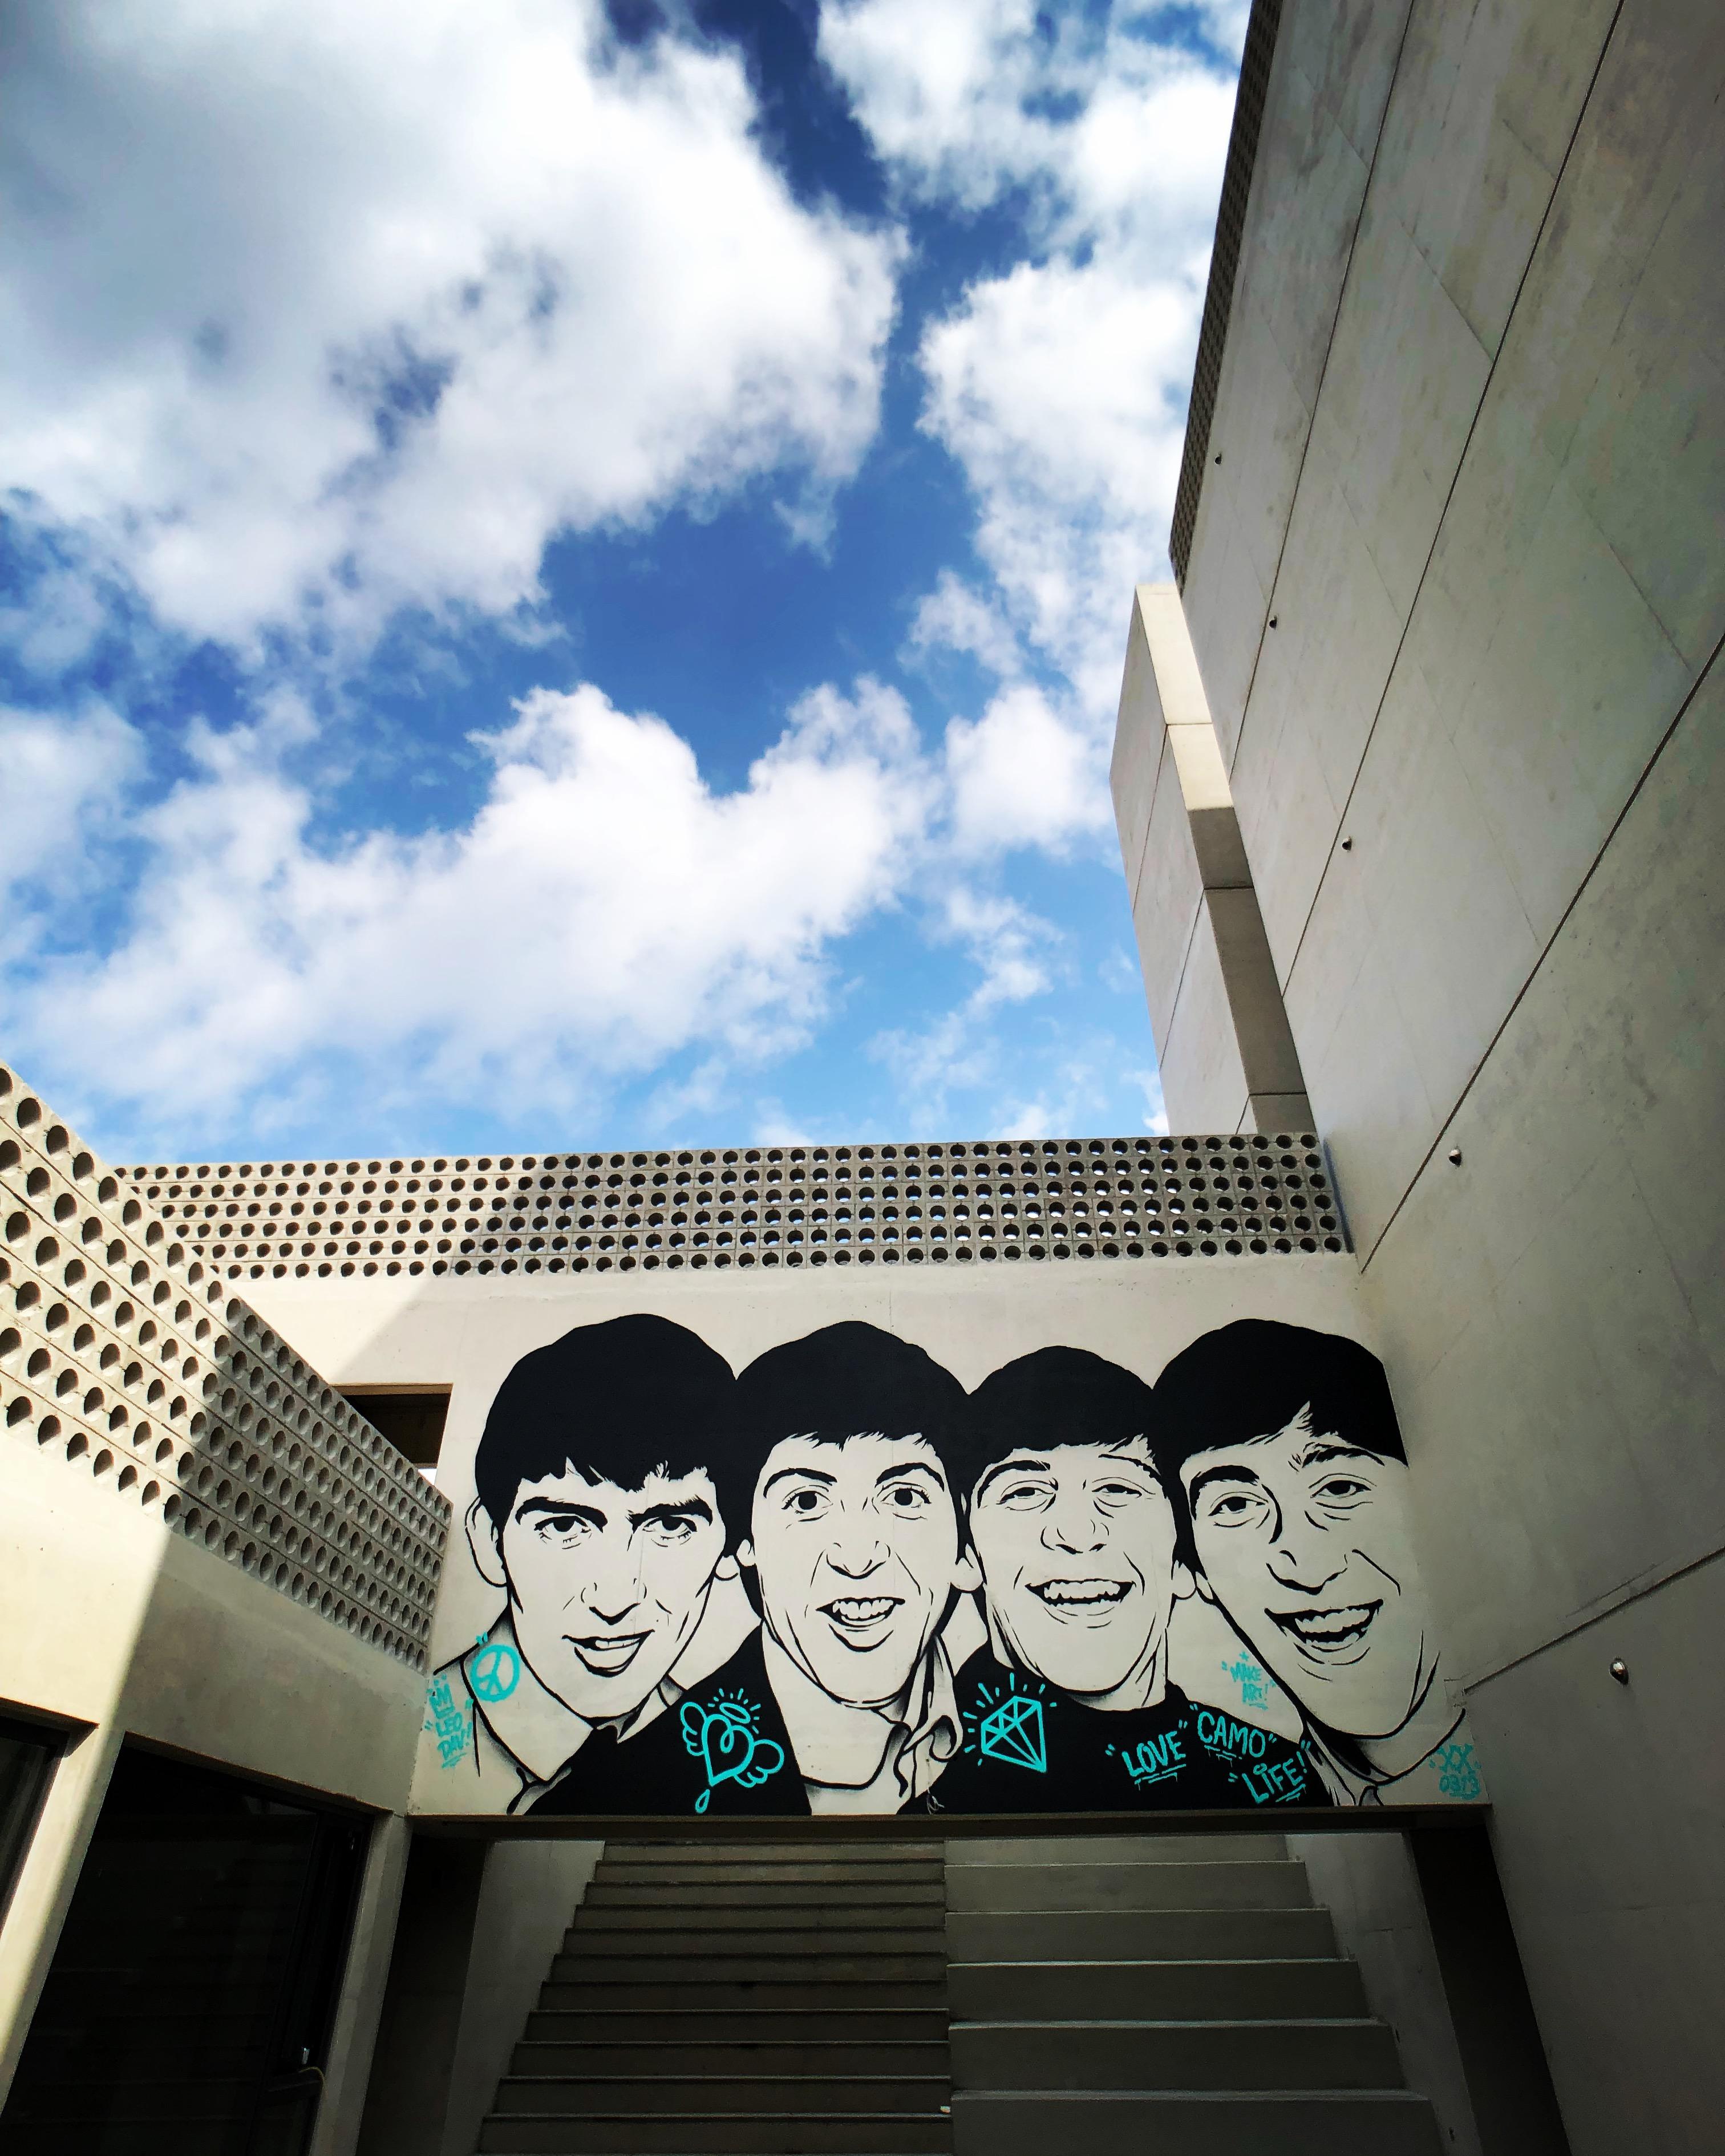 제주도 호텔 - 비틀즈 스텐실 아트.jpg